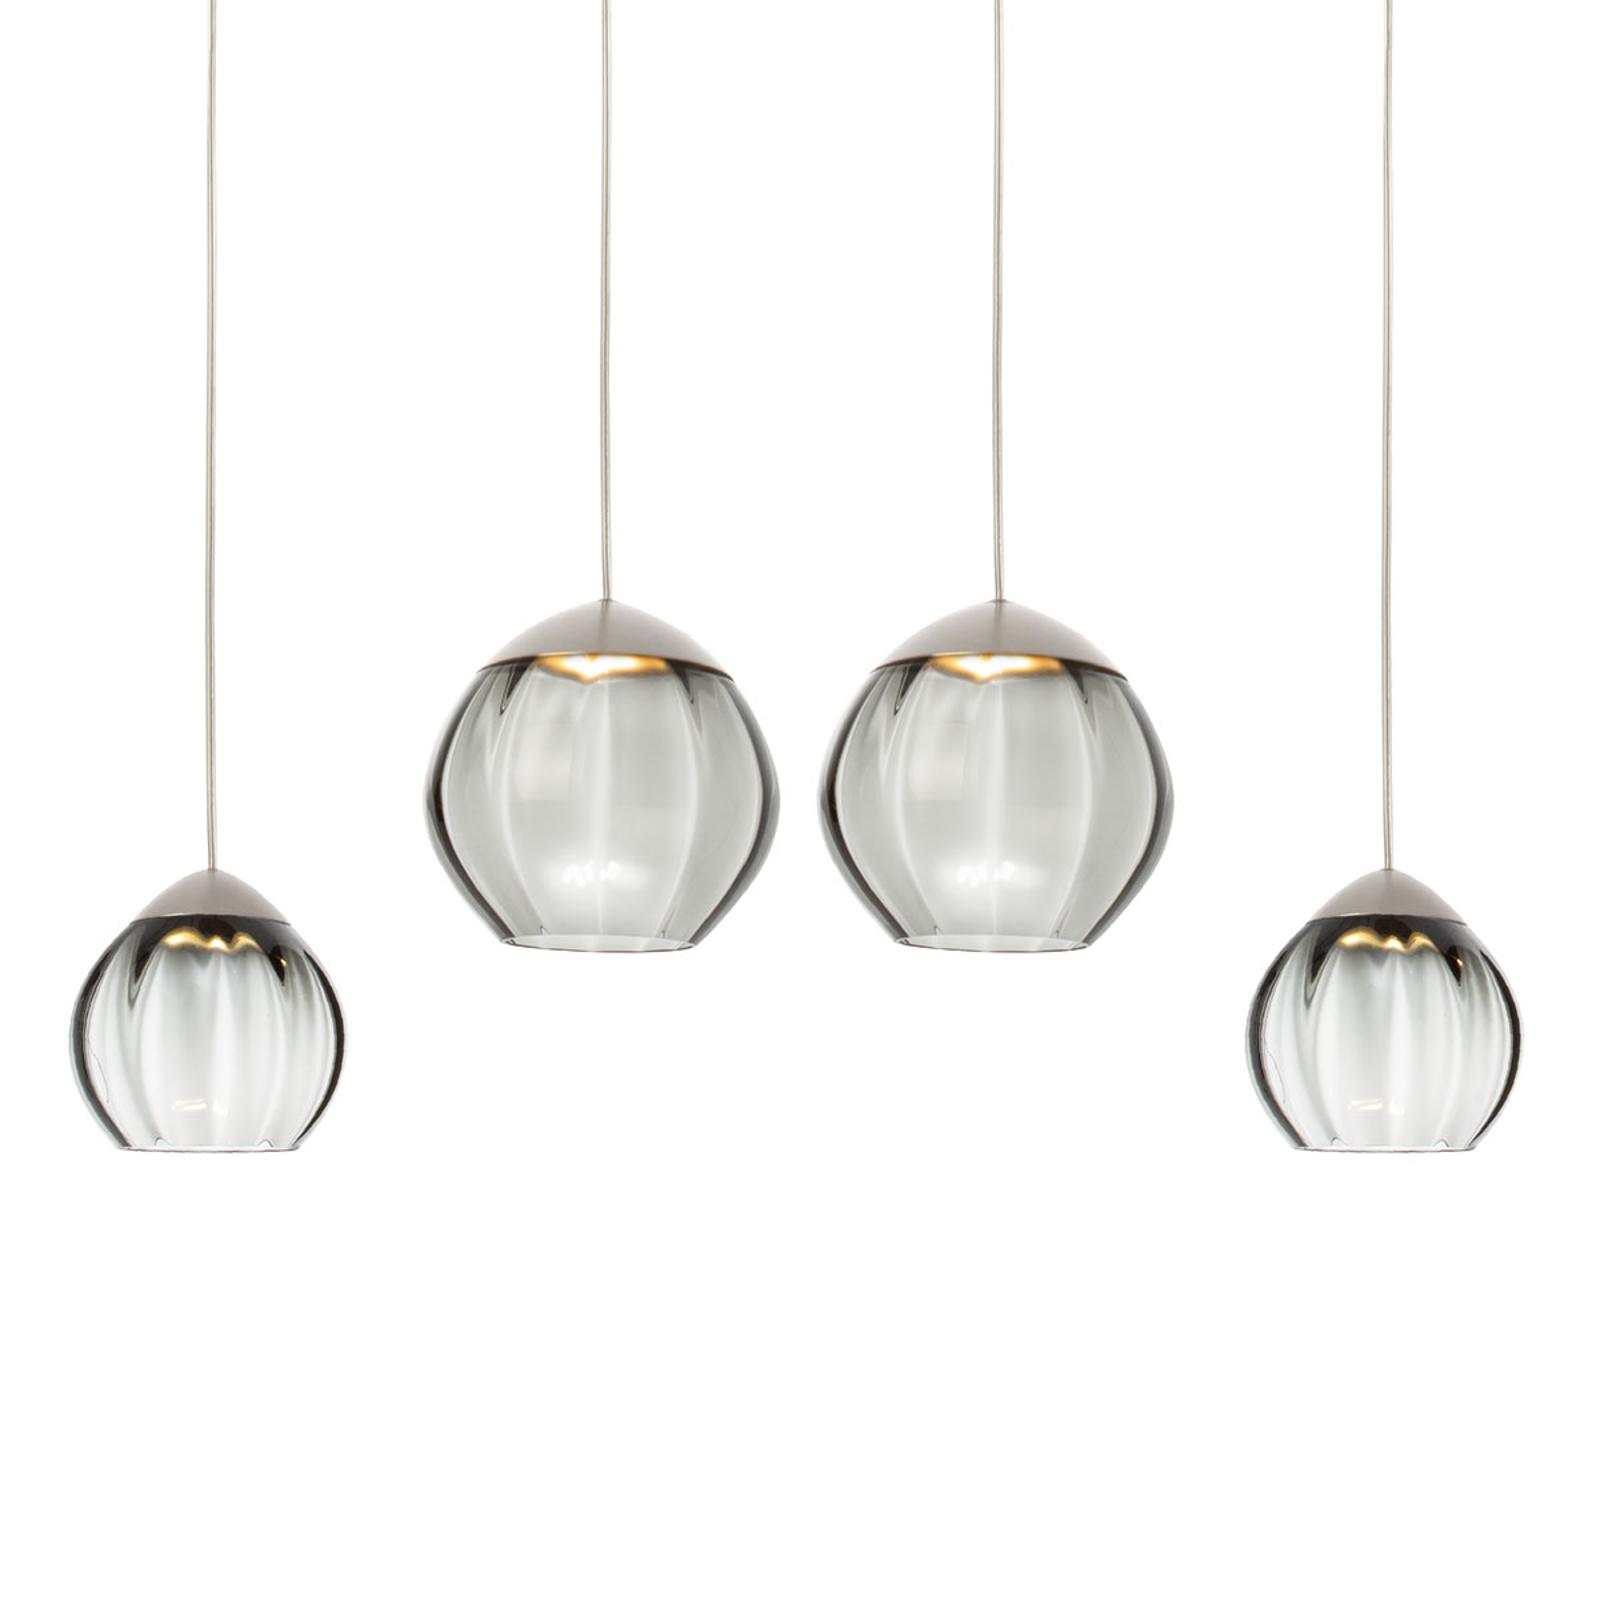 Suspension LED à 4 lampes Soft, verres noirs